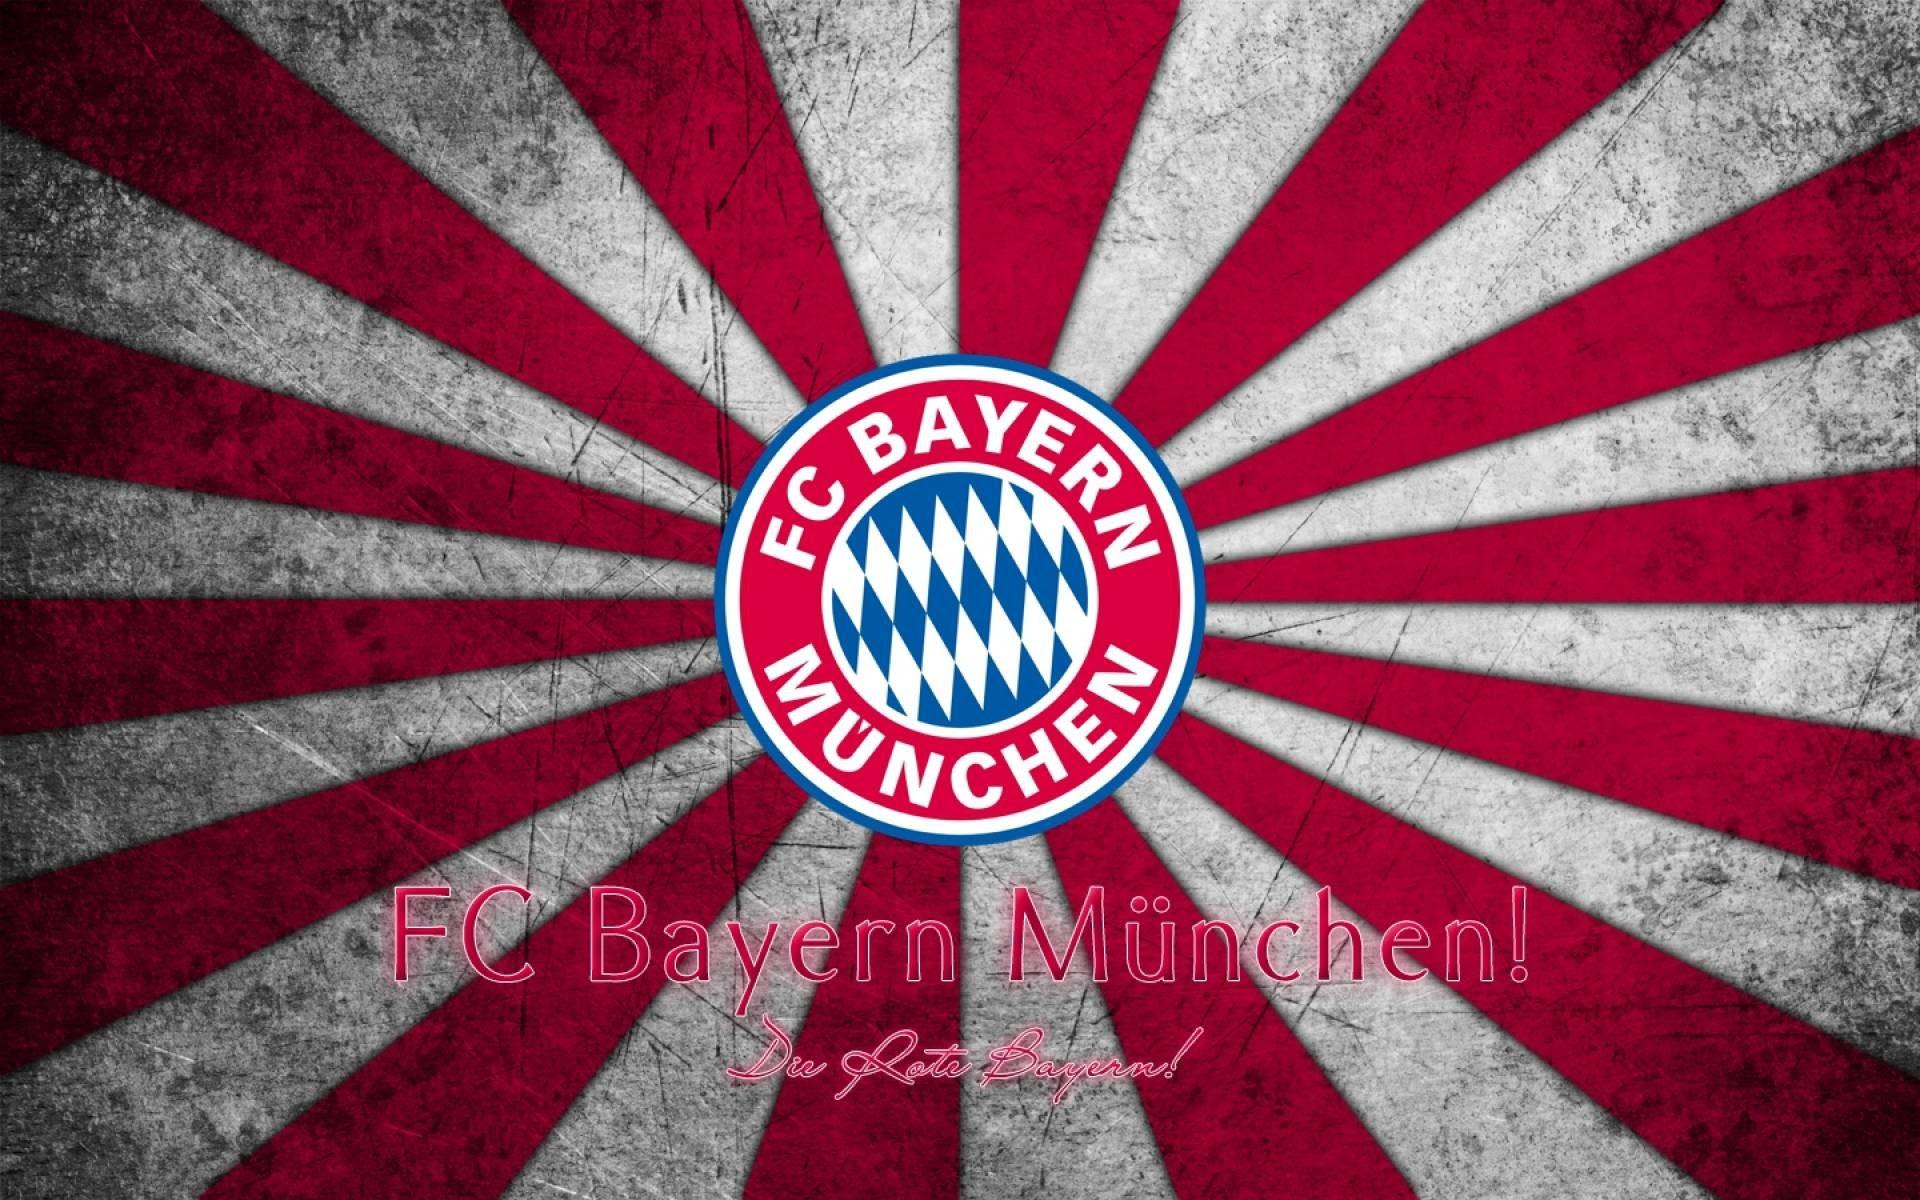 Fc Bayern Munich Hd Wallpapers 77 Images